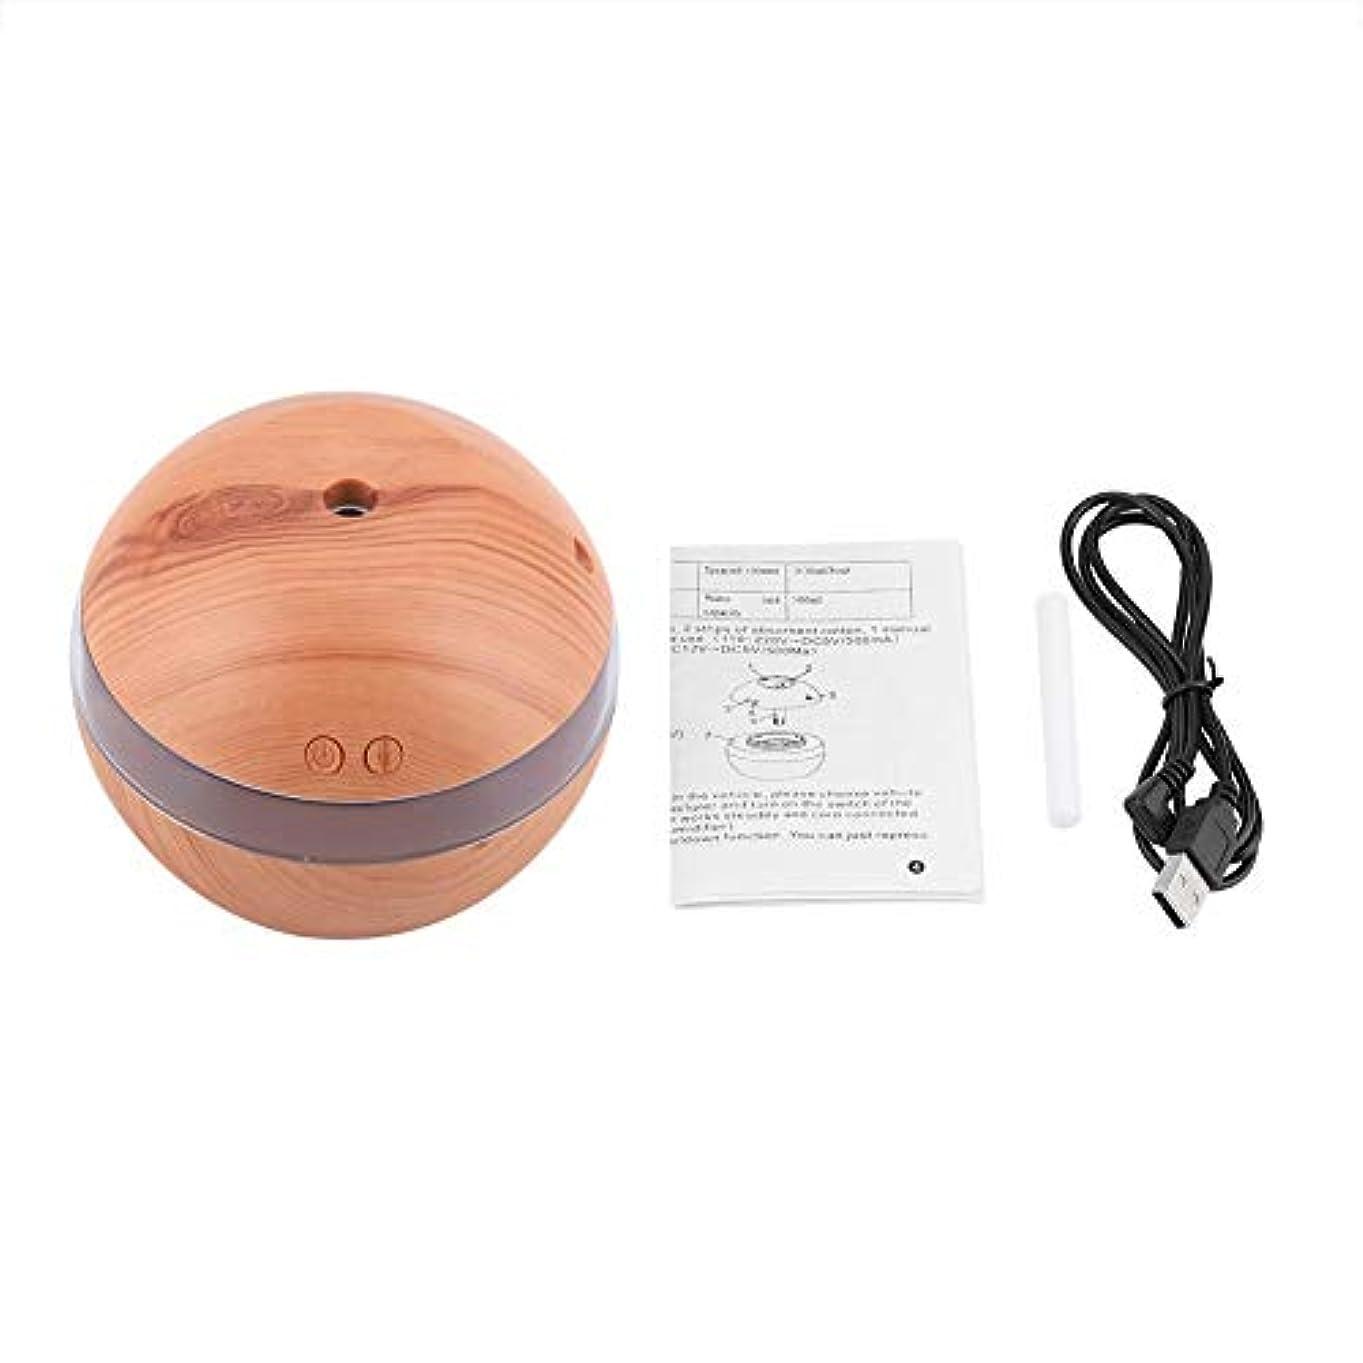 木製加湿器ディフューザー、300ml USBスーパーライトアロマセラピーエッセンシャルオイルアロマディフューザー、LEDライト付き(軽い木製)